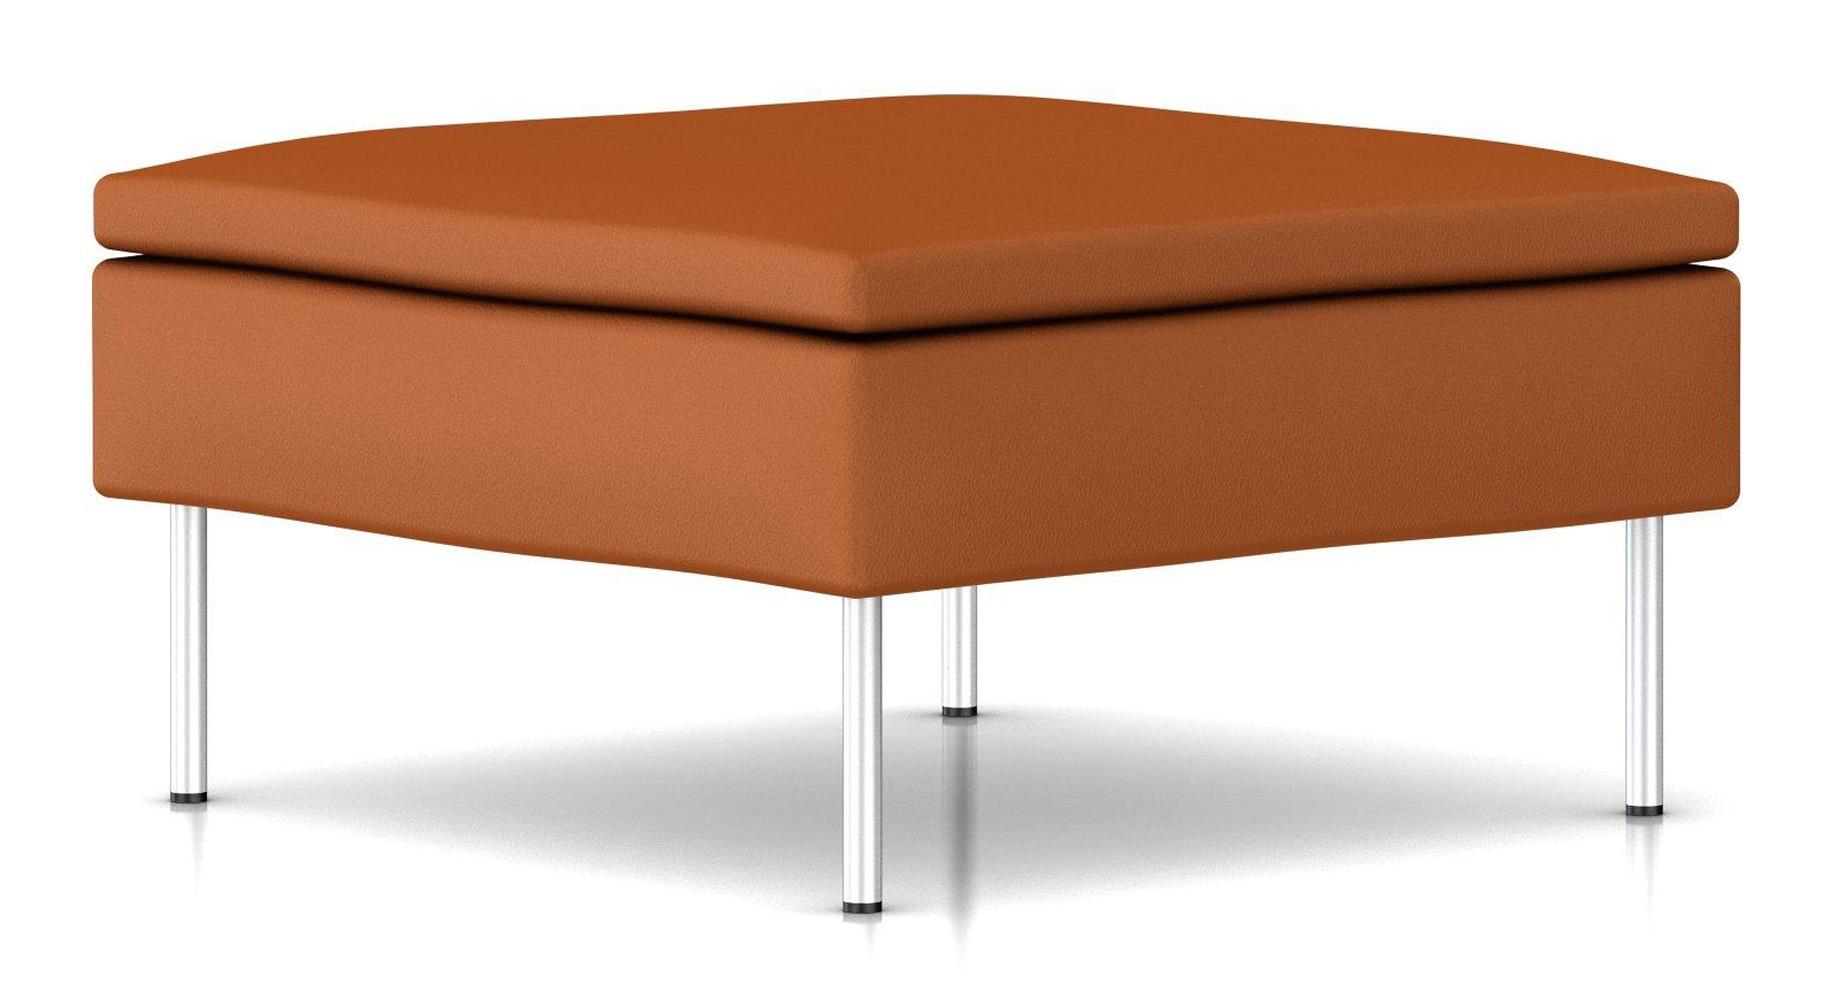 herman miller bolster ottoman gr shop canada. Black Bedroom Furniture Sets. Home Design Ideas